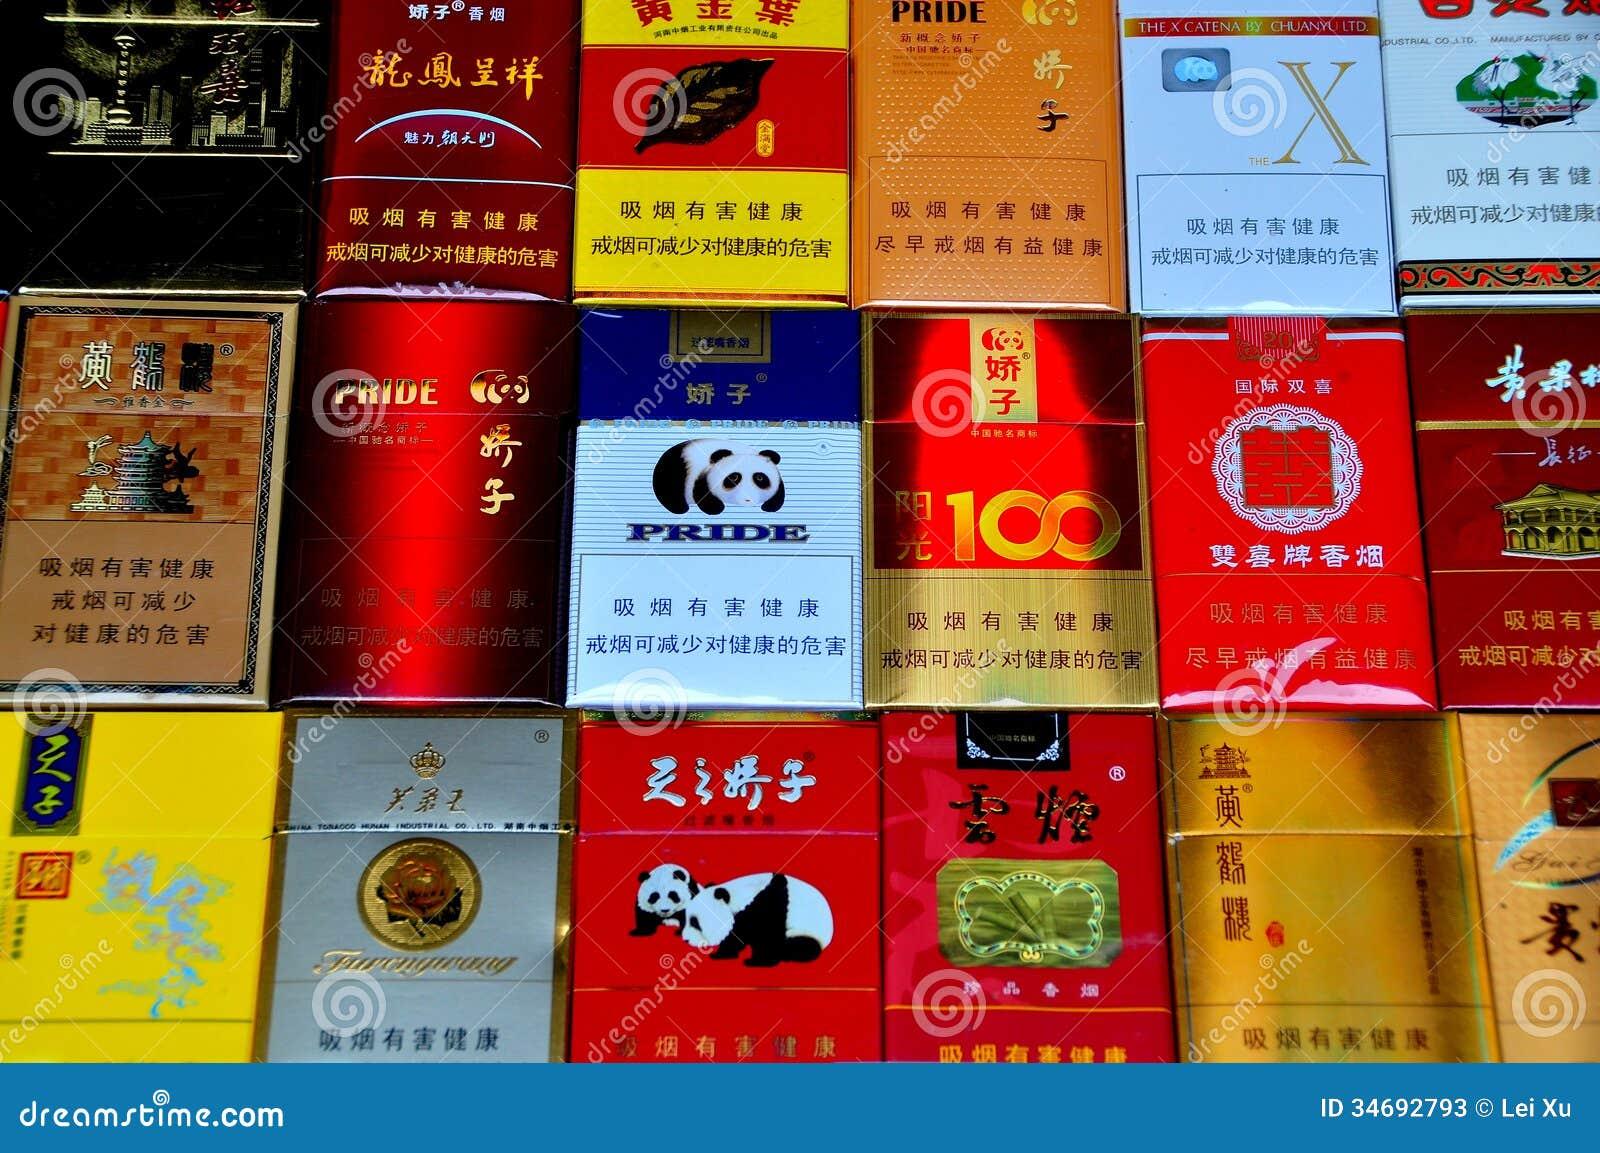 Designer Cigarettes Online